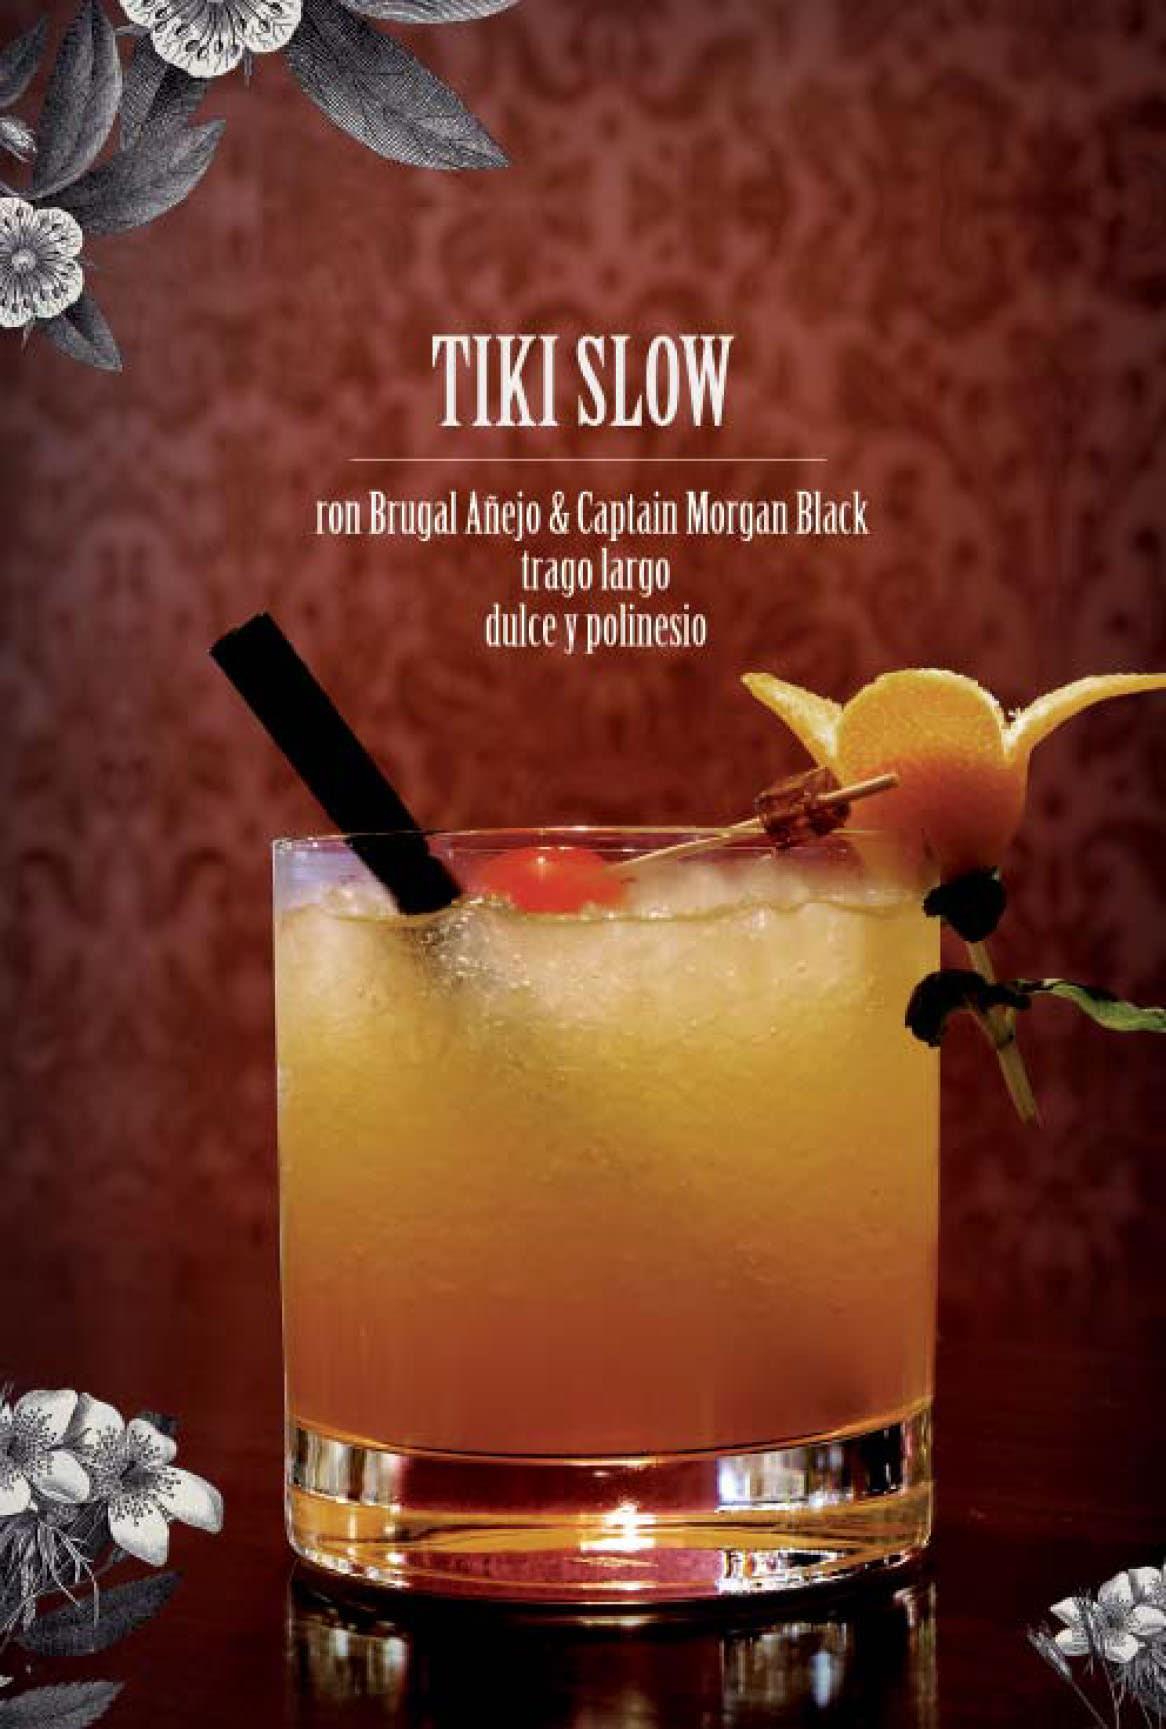 Tiki Slow